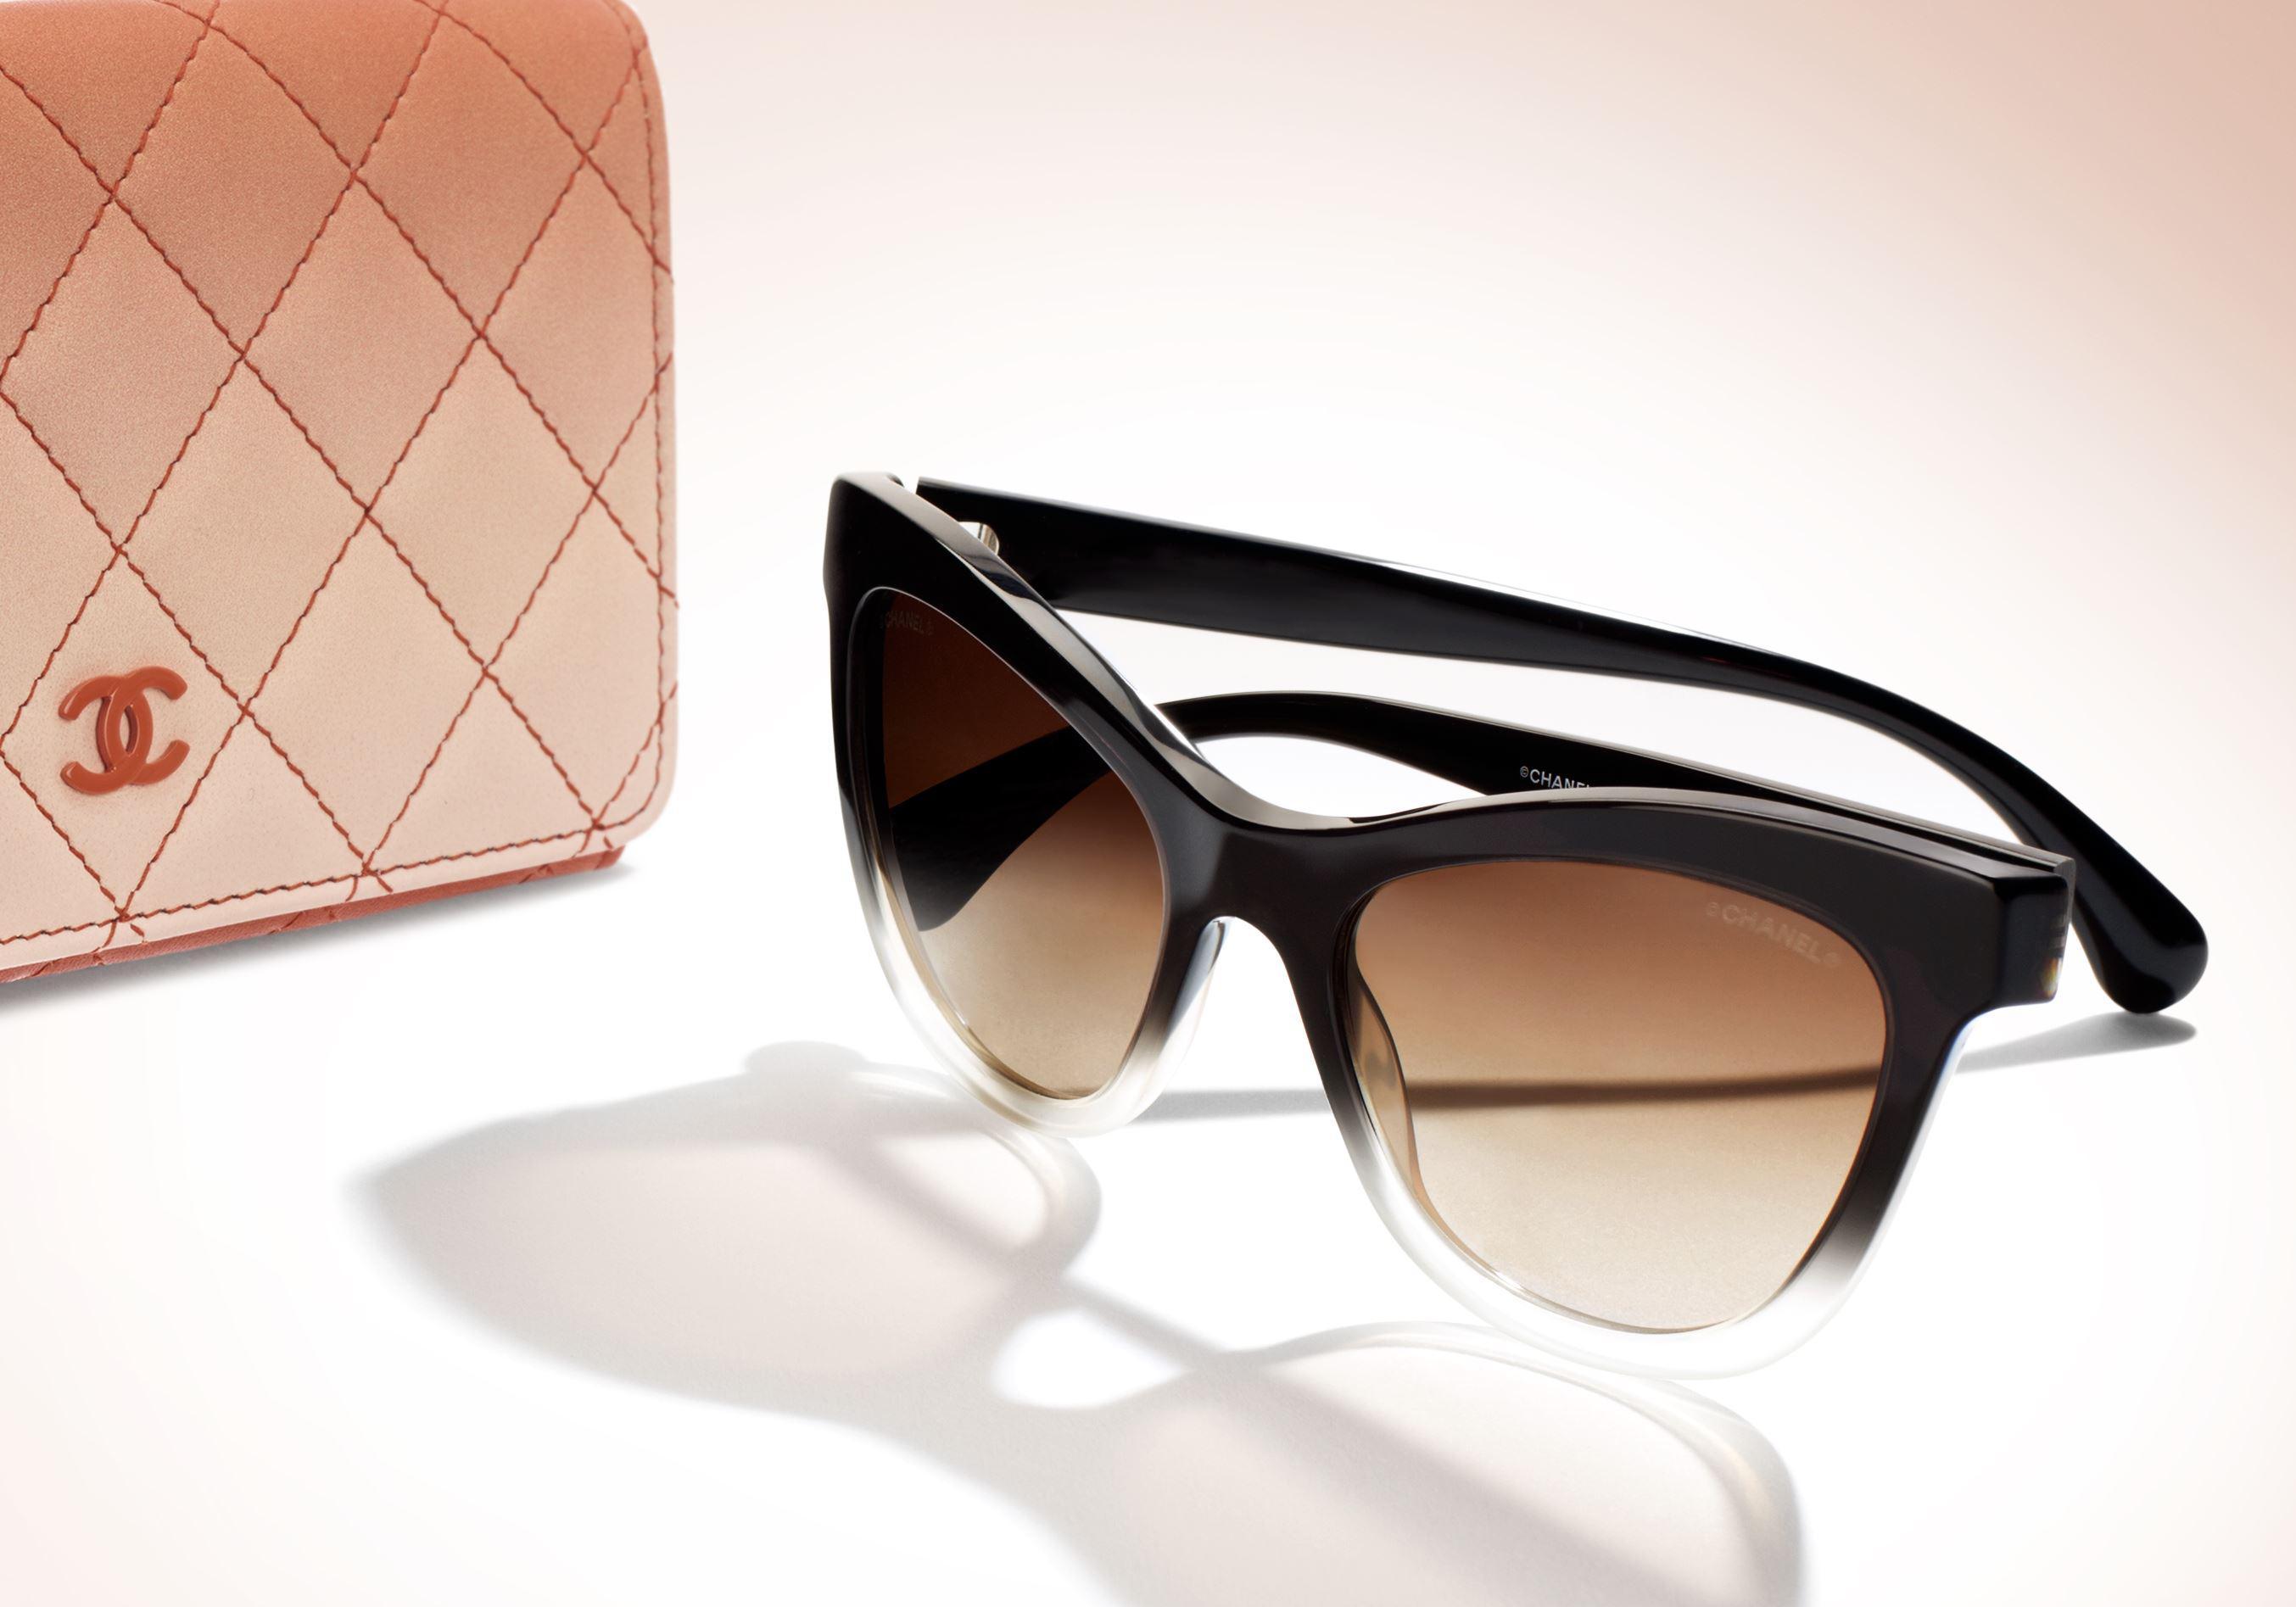 L instant mode   les lunettes Plein Soleil de Chanel - Elle 86ce59872e64